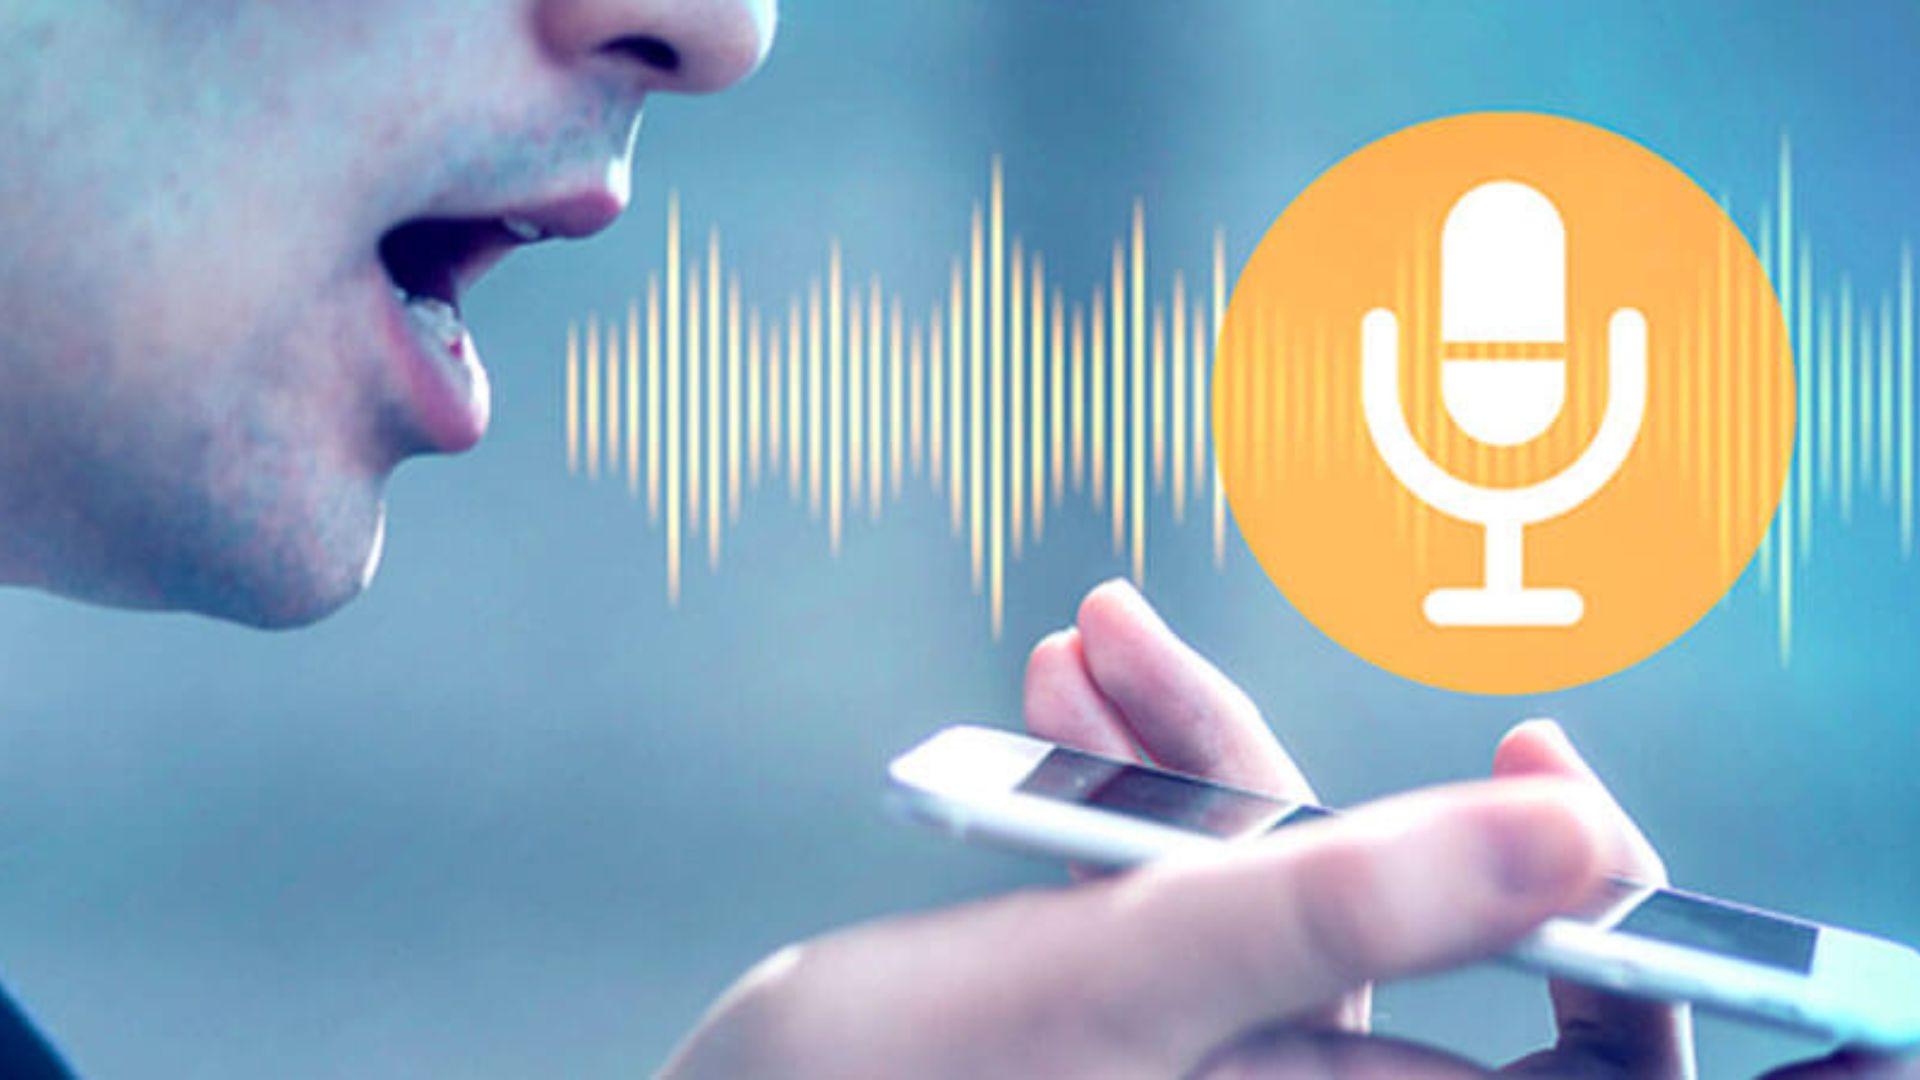 Image showing a speaking man emitting sound waves